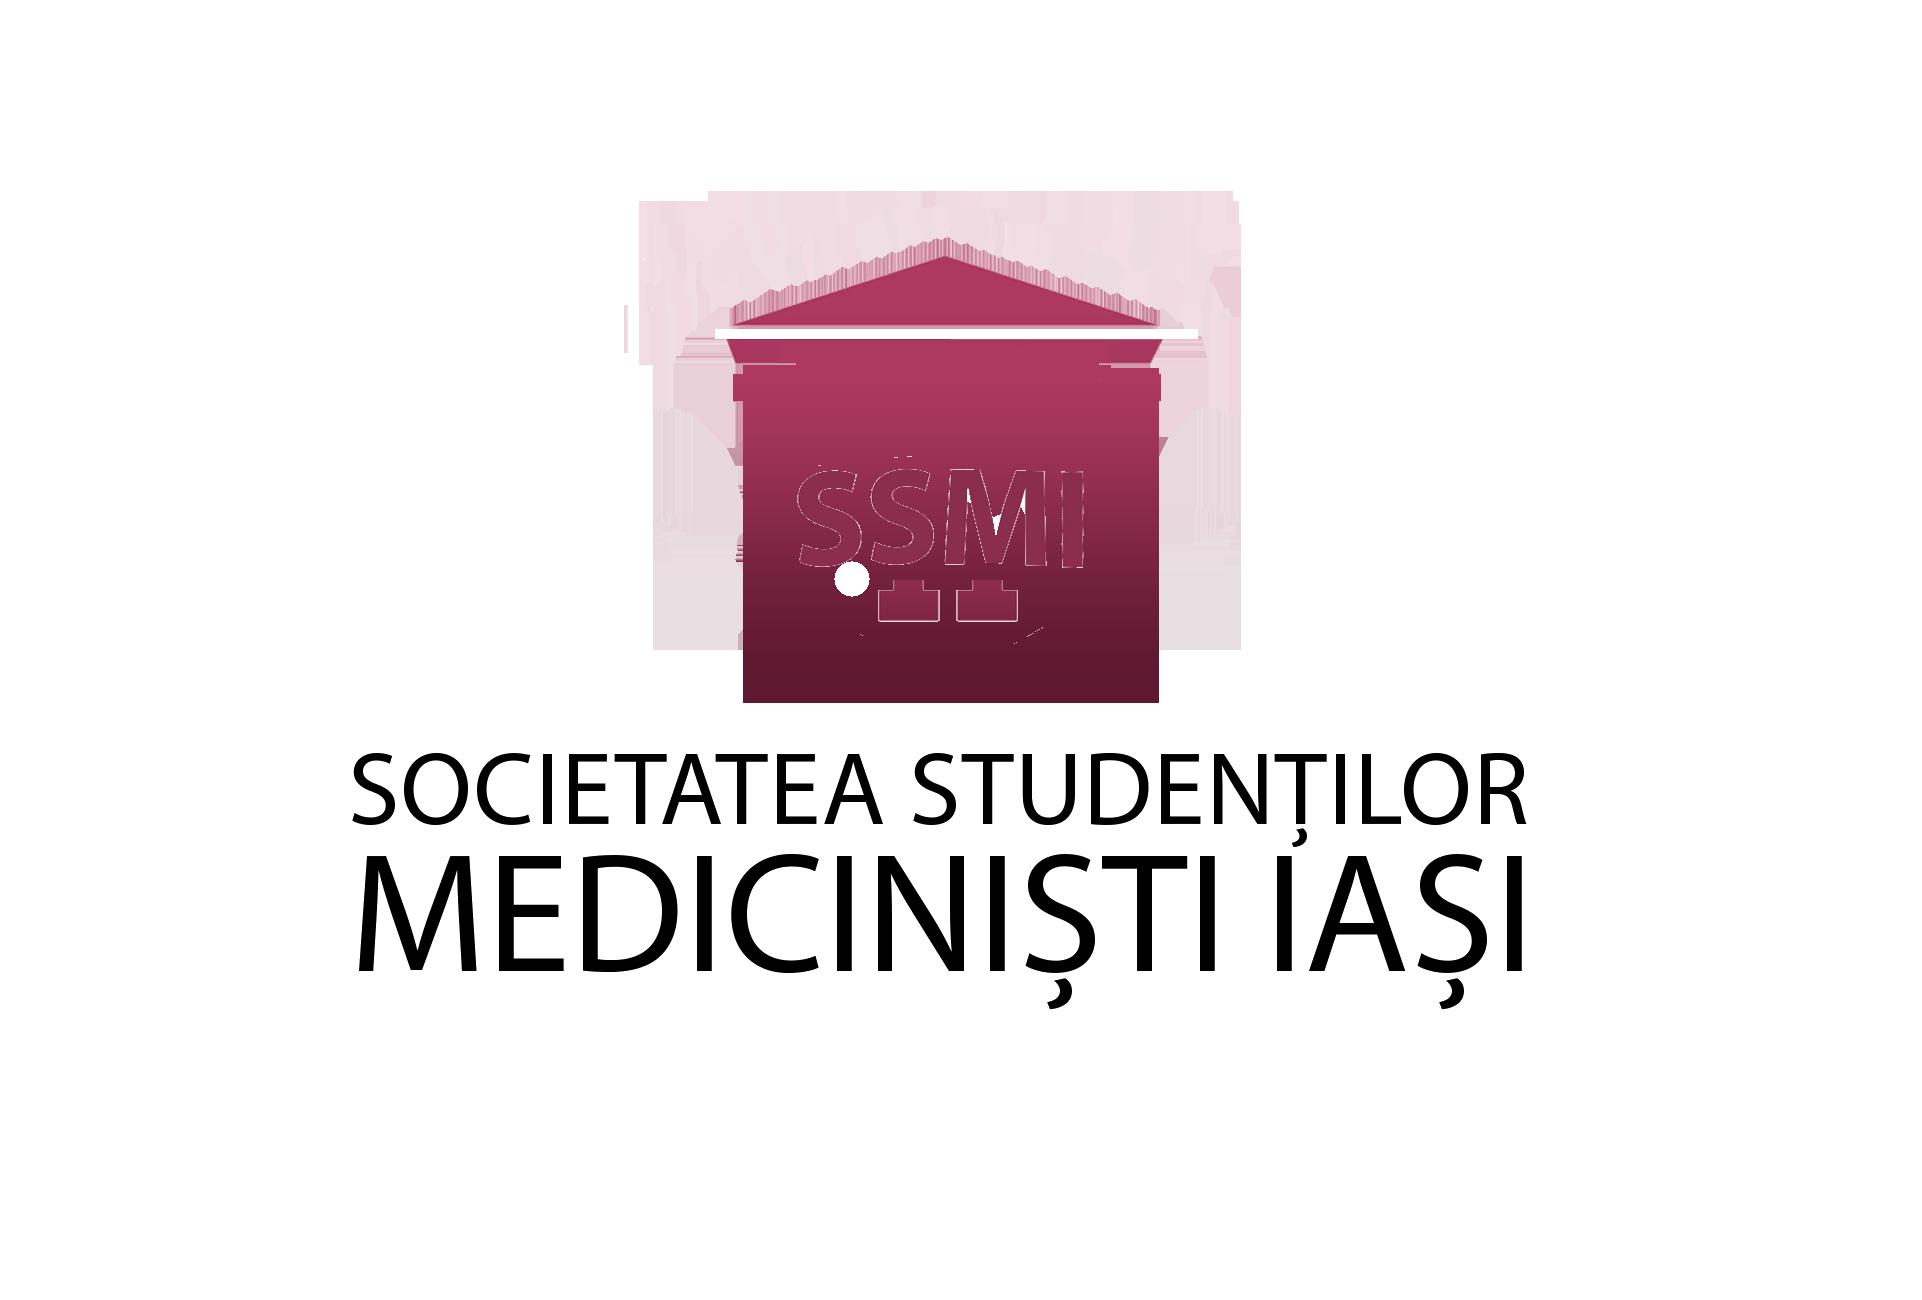 Asociația Societatea Studenților Mediciniști Iași (SSMI) logo